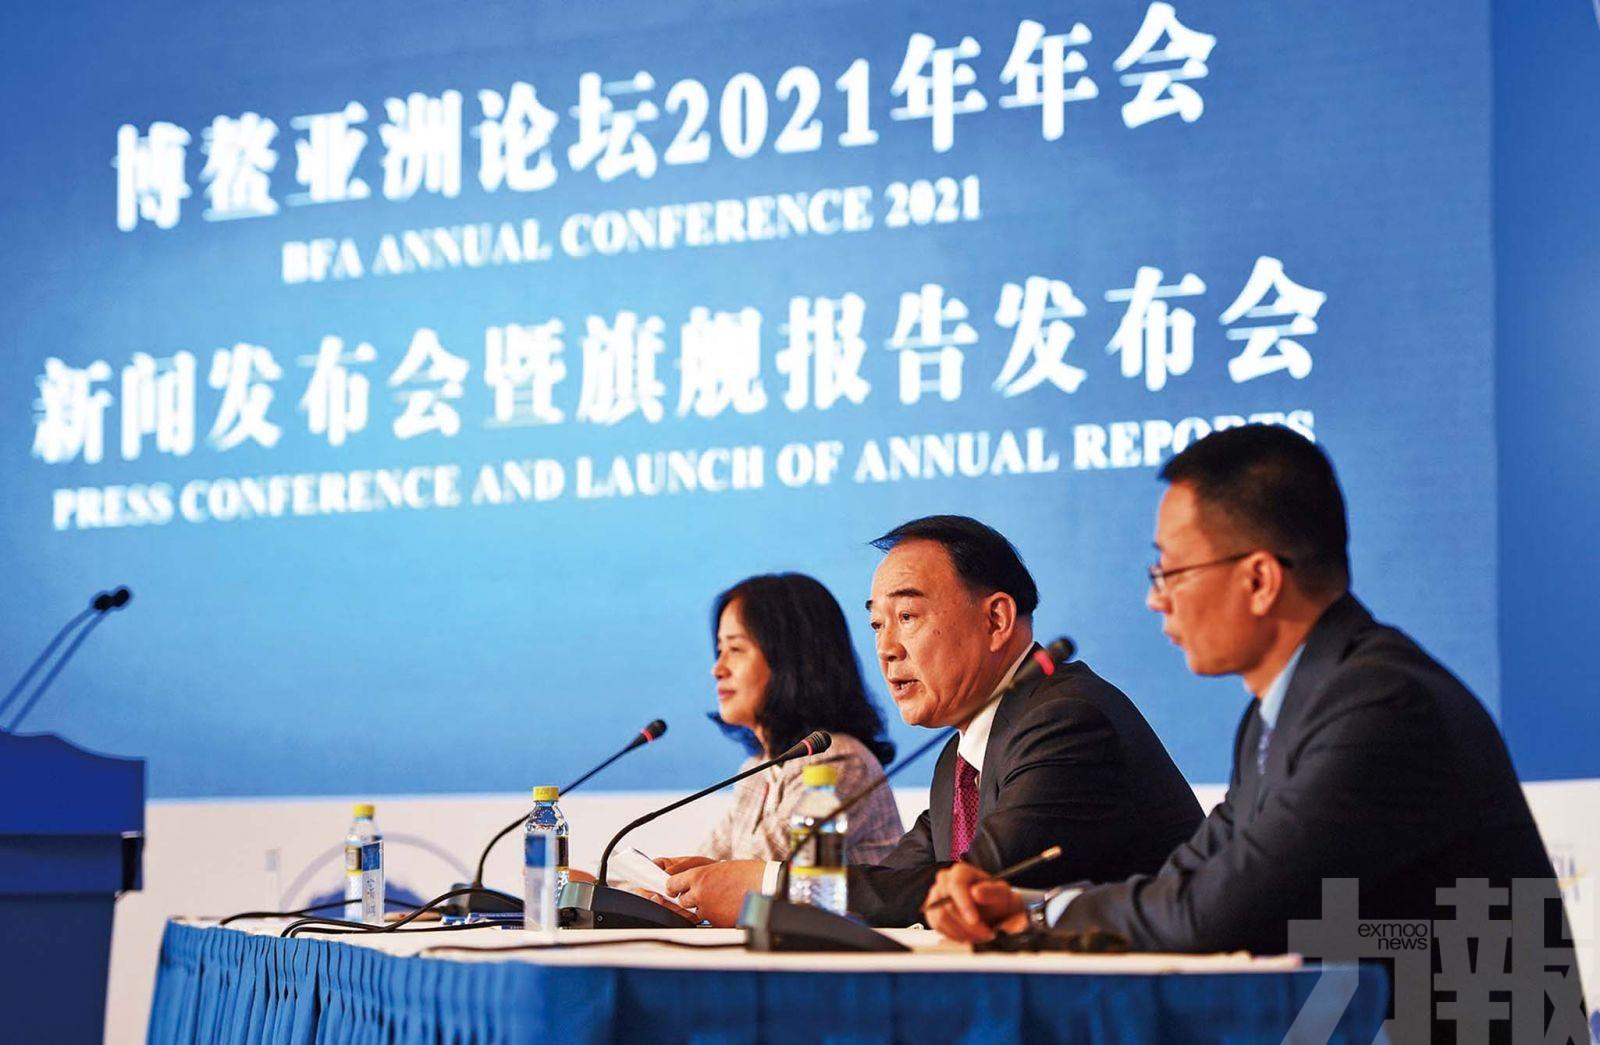 亞洲經濟增速今年料達 6.5% 以上